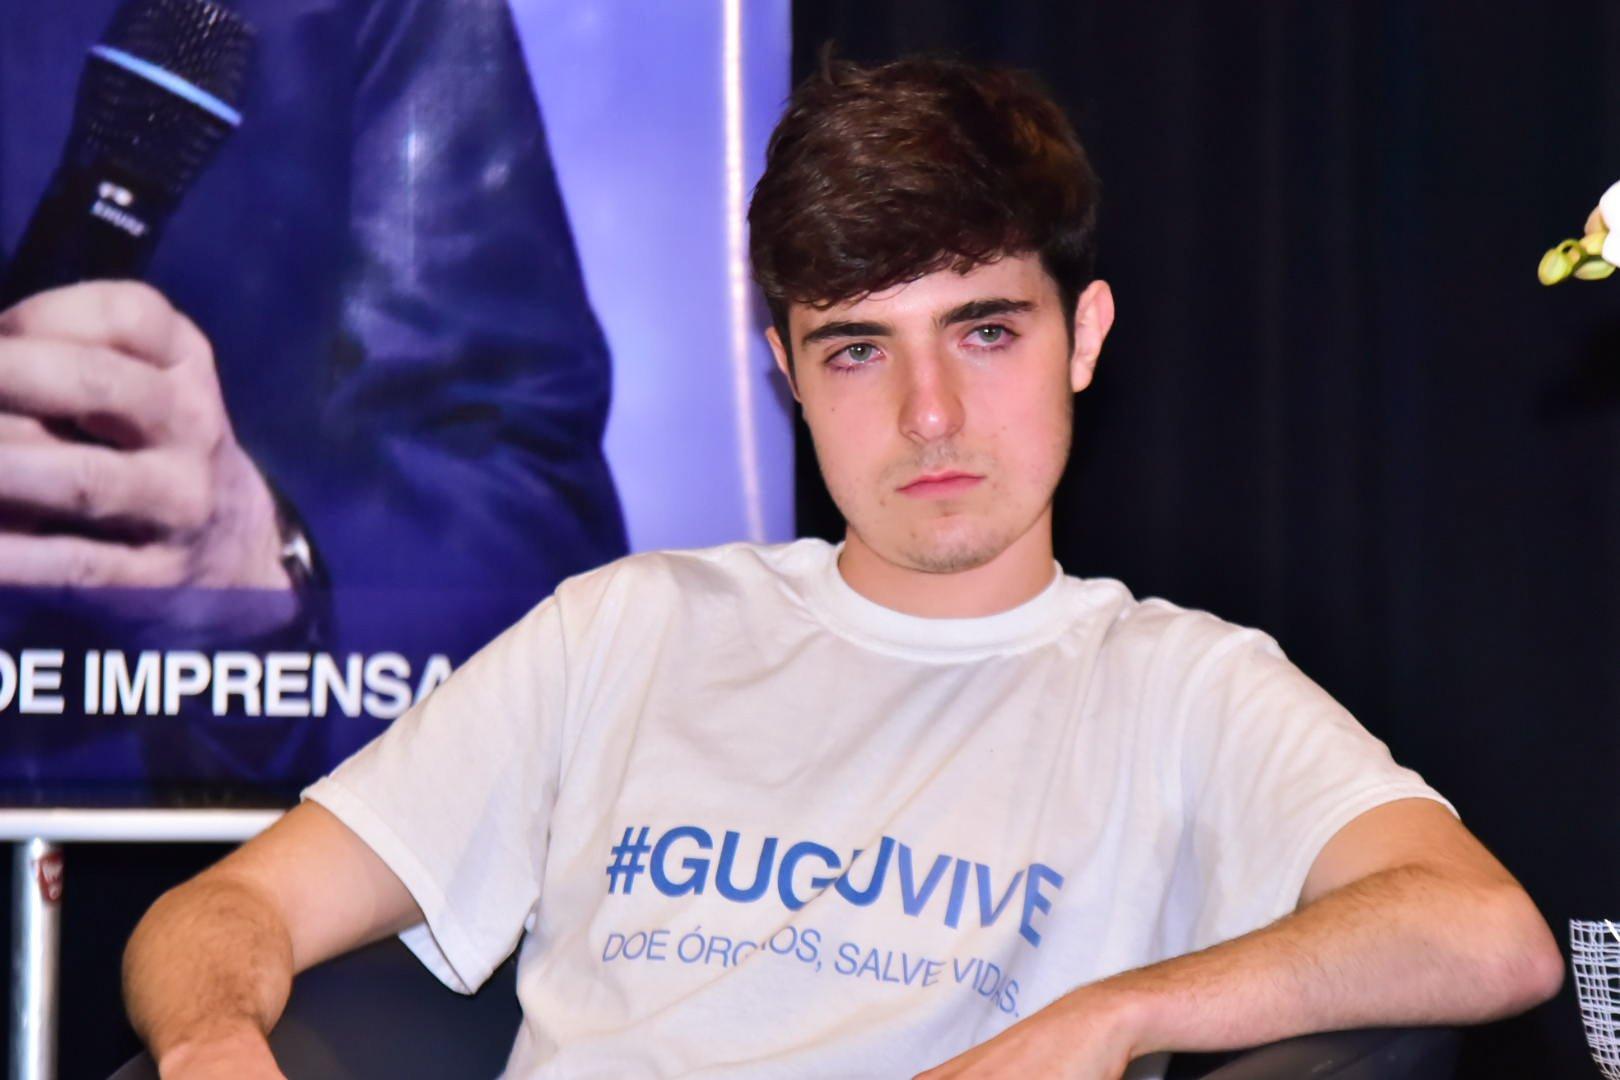 Família de Gugu Liberato lança campanha de doação de órgãos